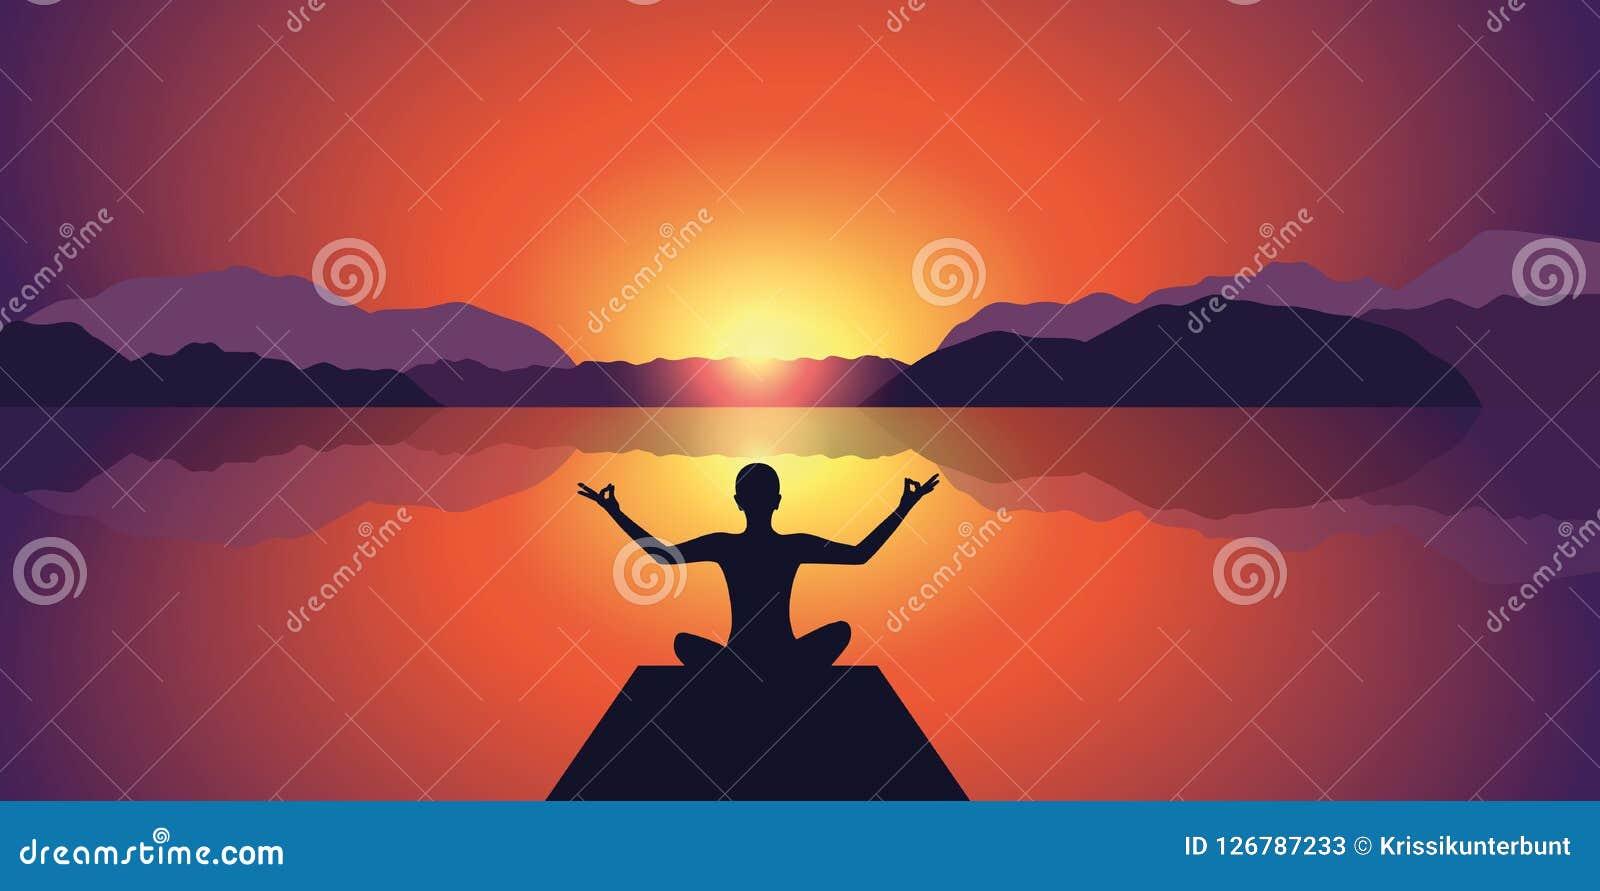 Tramonto pacifico della siluetta di meditazione al fondo delle montagne e del lago